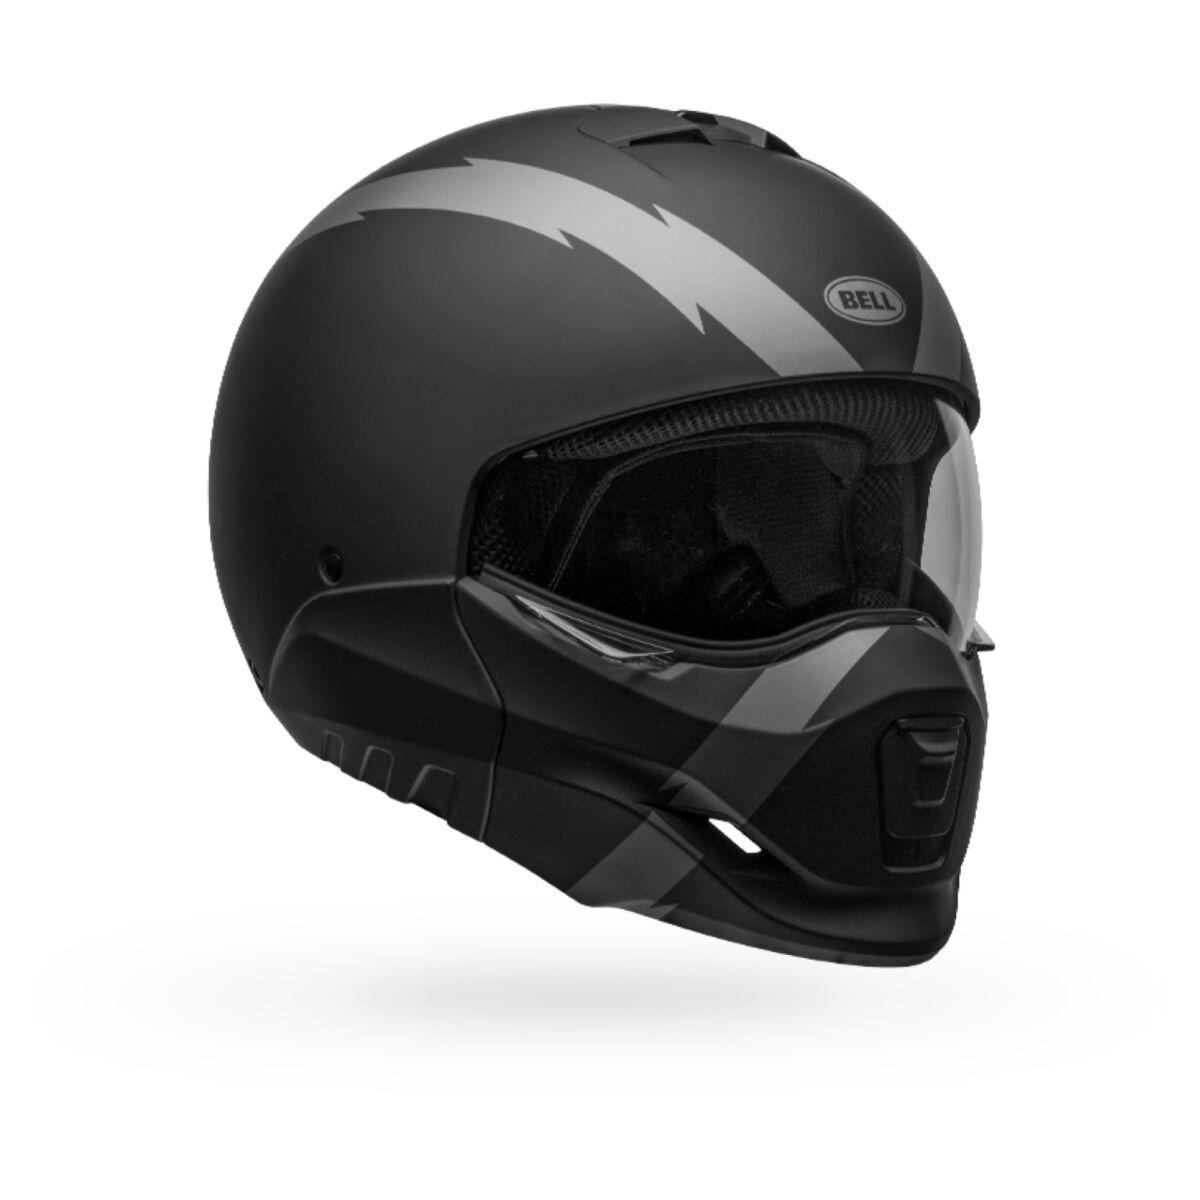 Bell Broozer convertible helmet